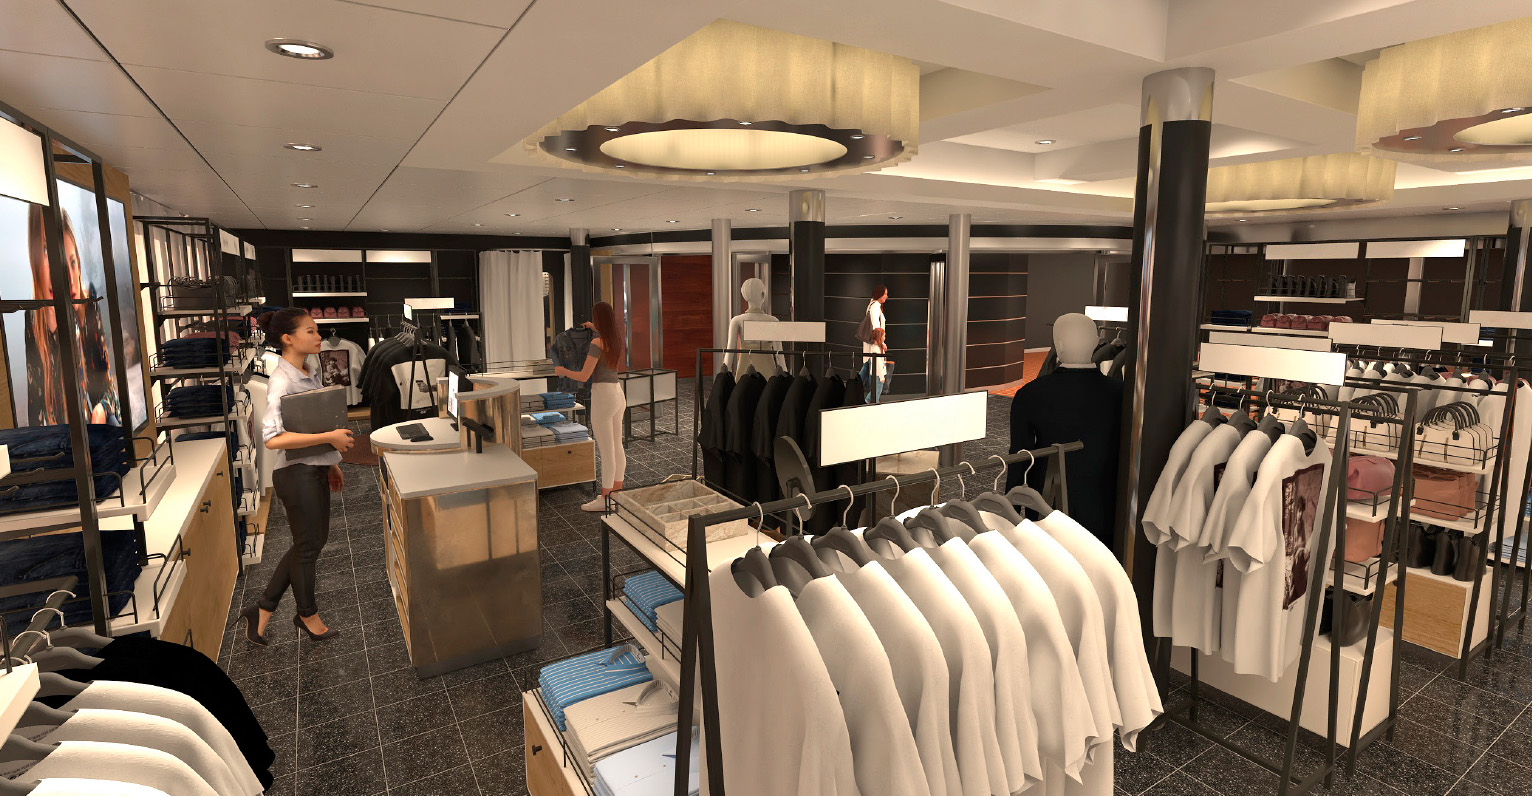 Får stor plass: Den nye klesbutikken finner du på dekk 7. Her får klesmerkene våre sin rettsmessige plass og tilbehøret selvfølgelig - alt fra vesker til solbriller og smykker finner du her!